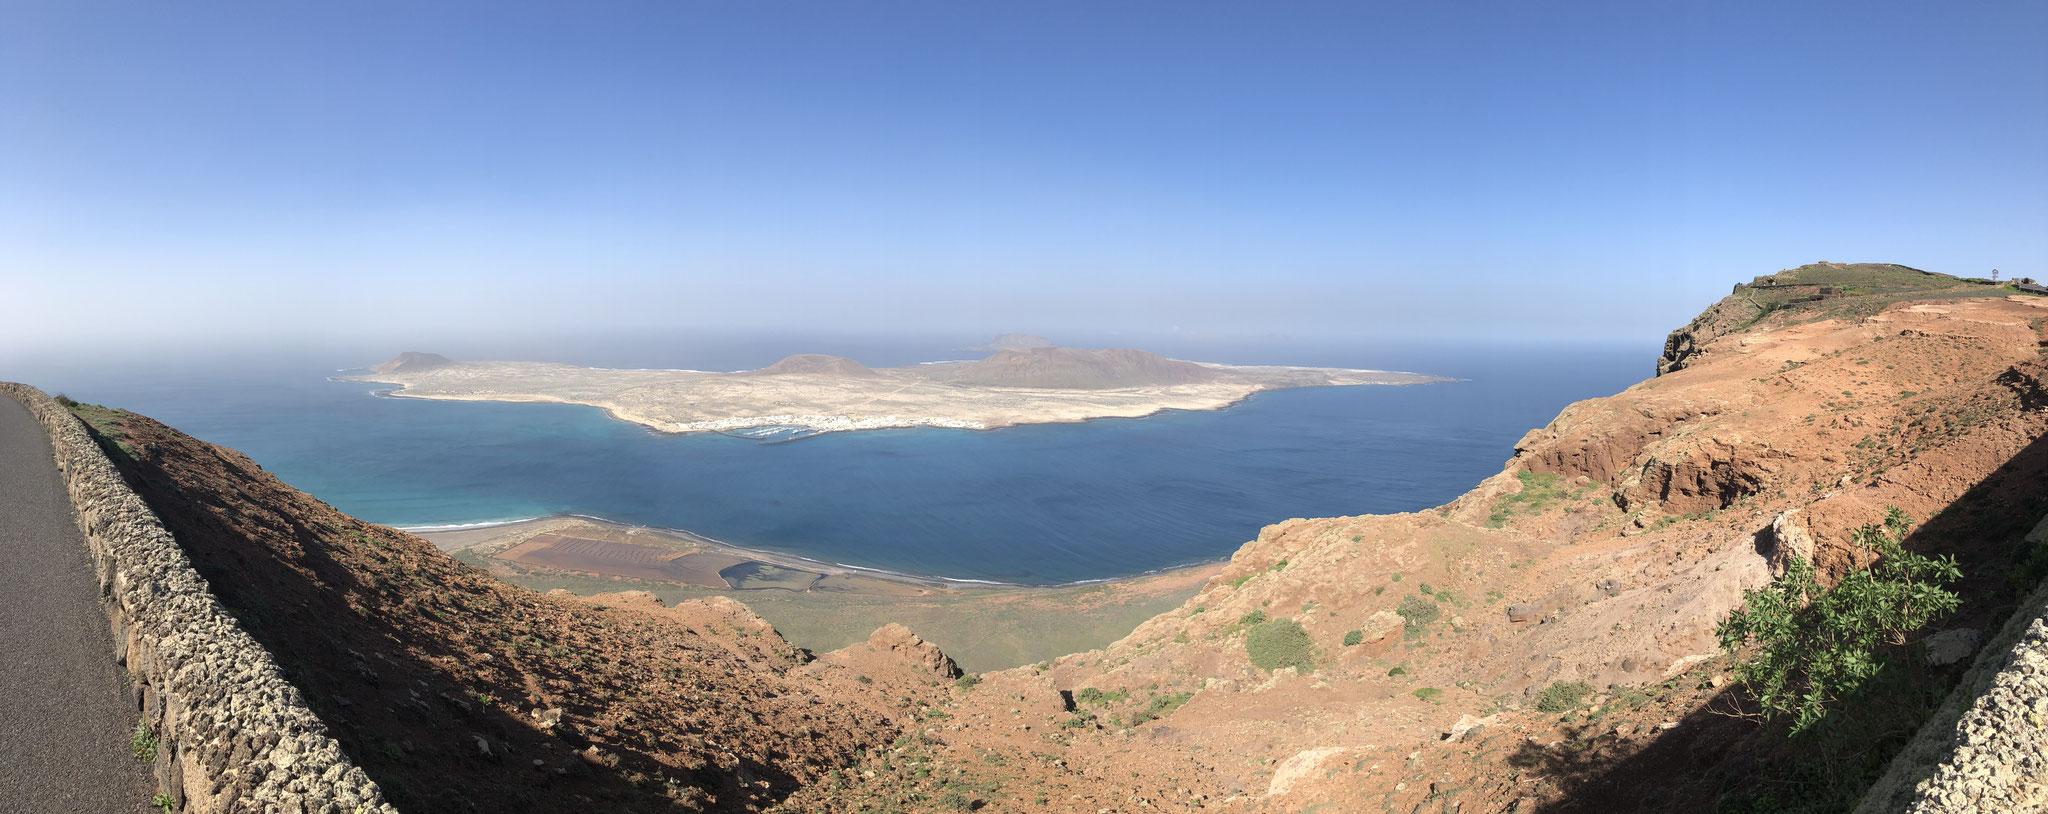 Mirador del Río, view to La Gracioso, Lanzarote, Spain (December 2018)